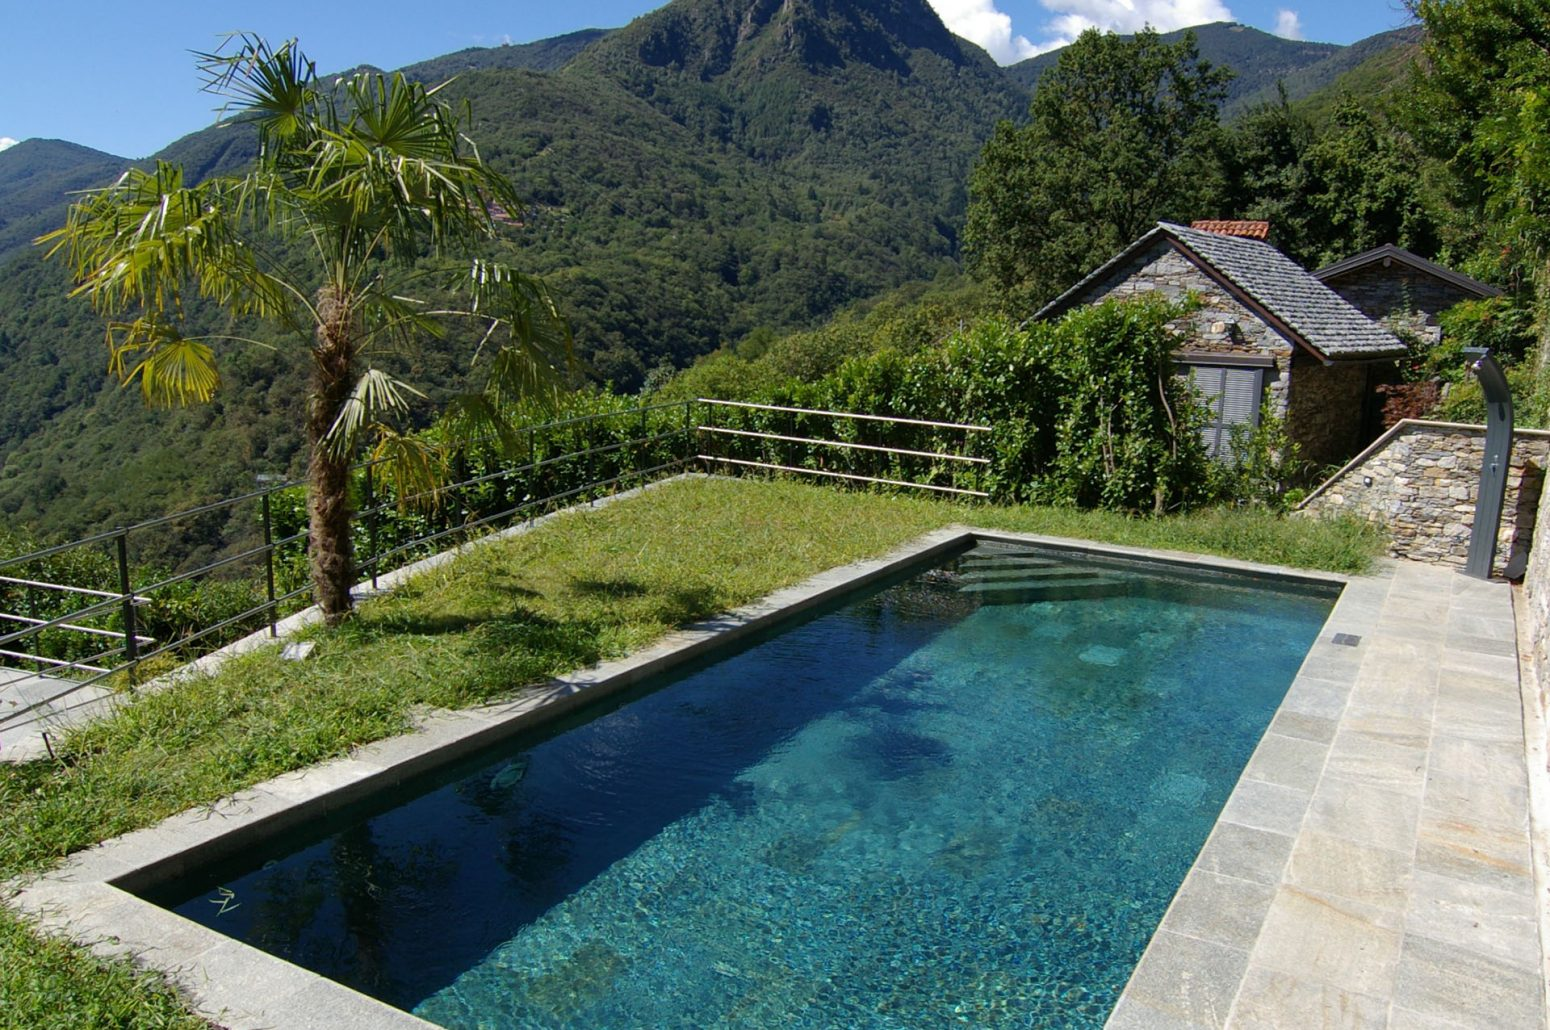 piscine verbano - anima di pietra (1)